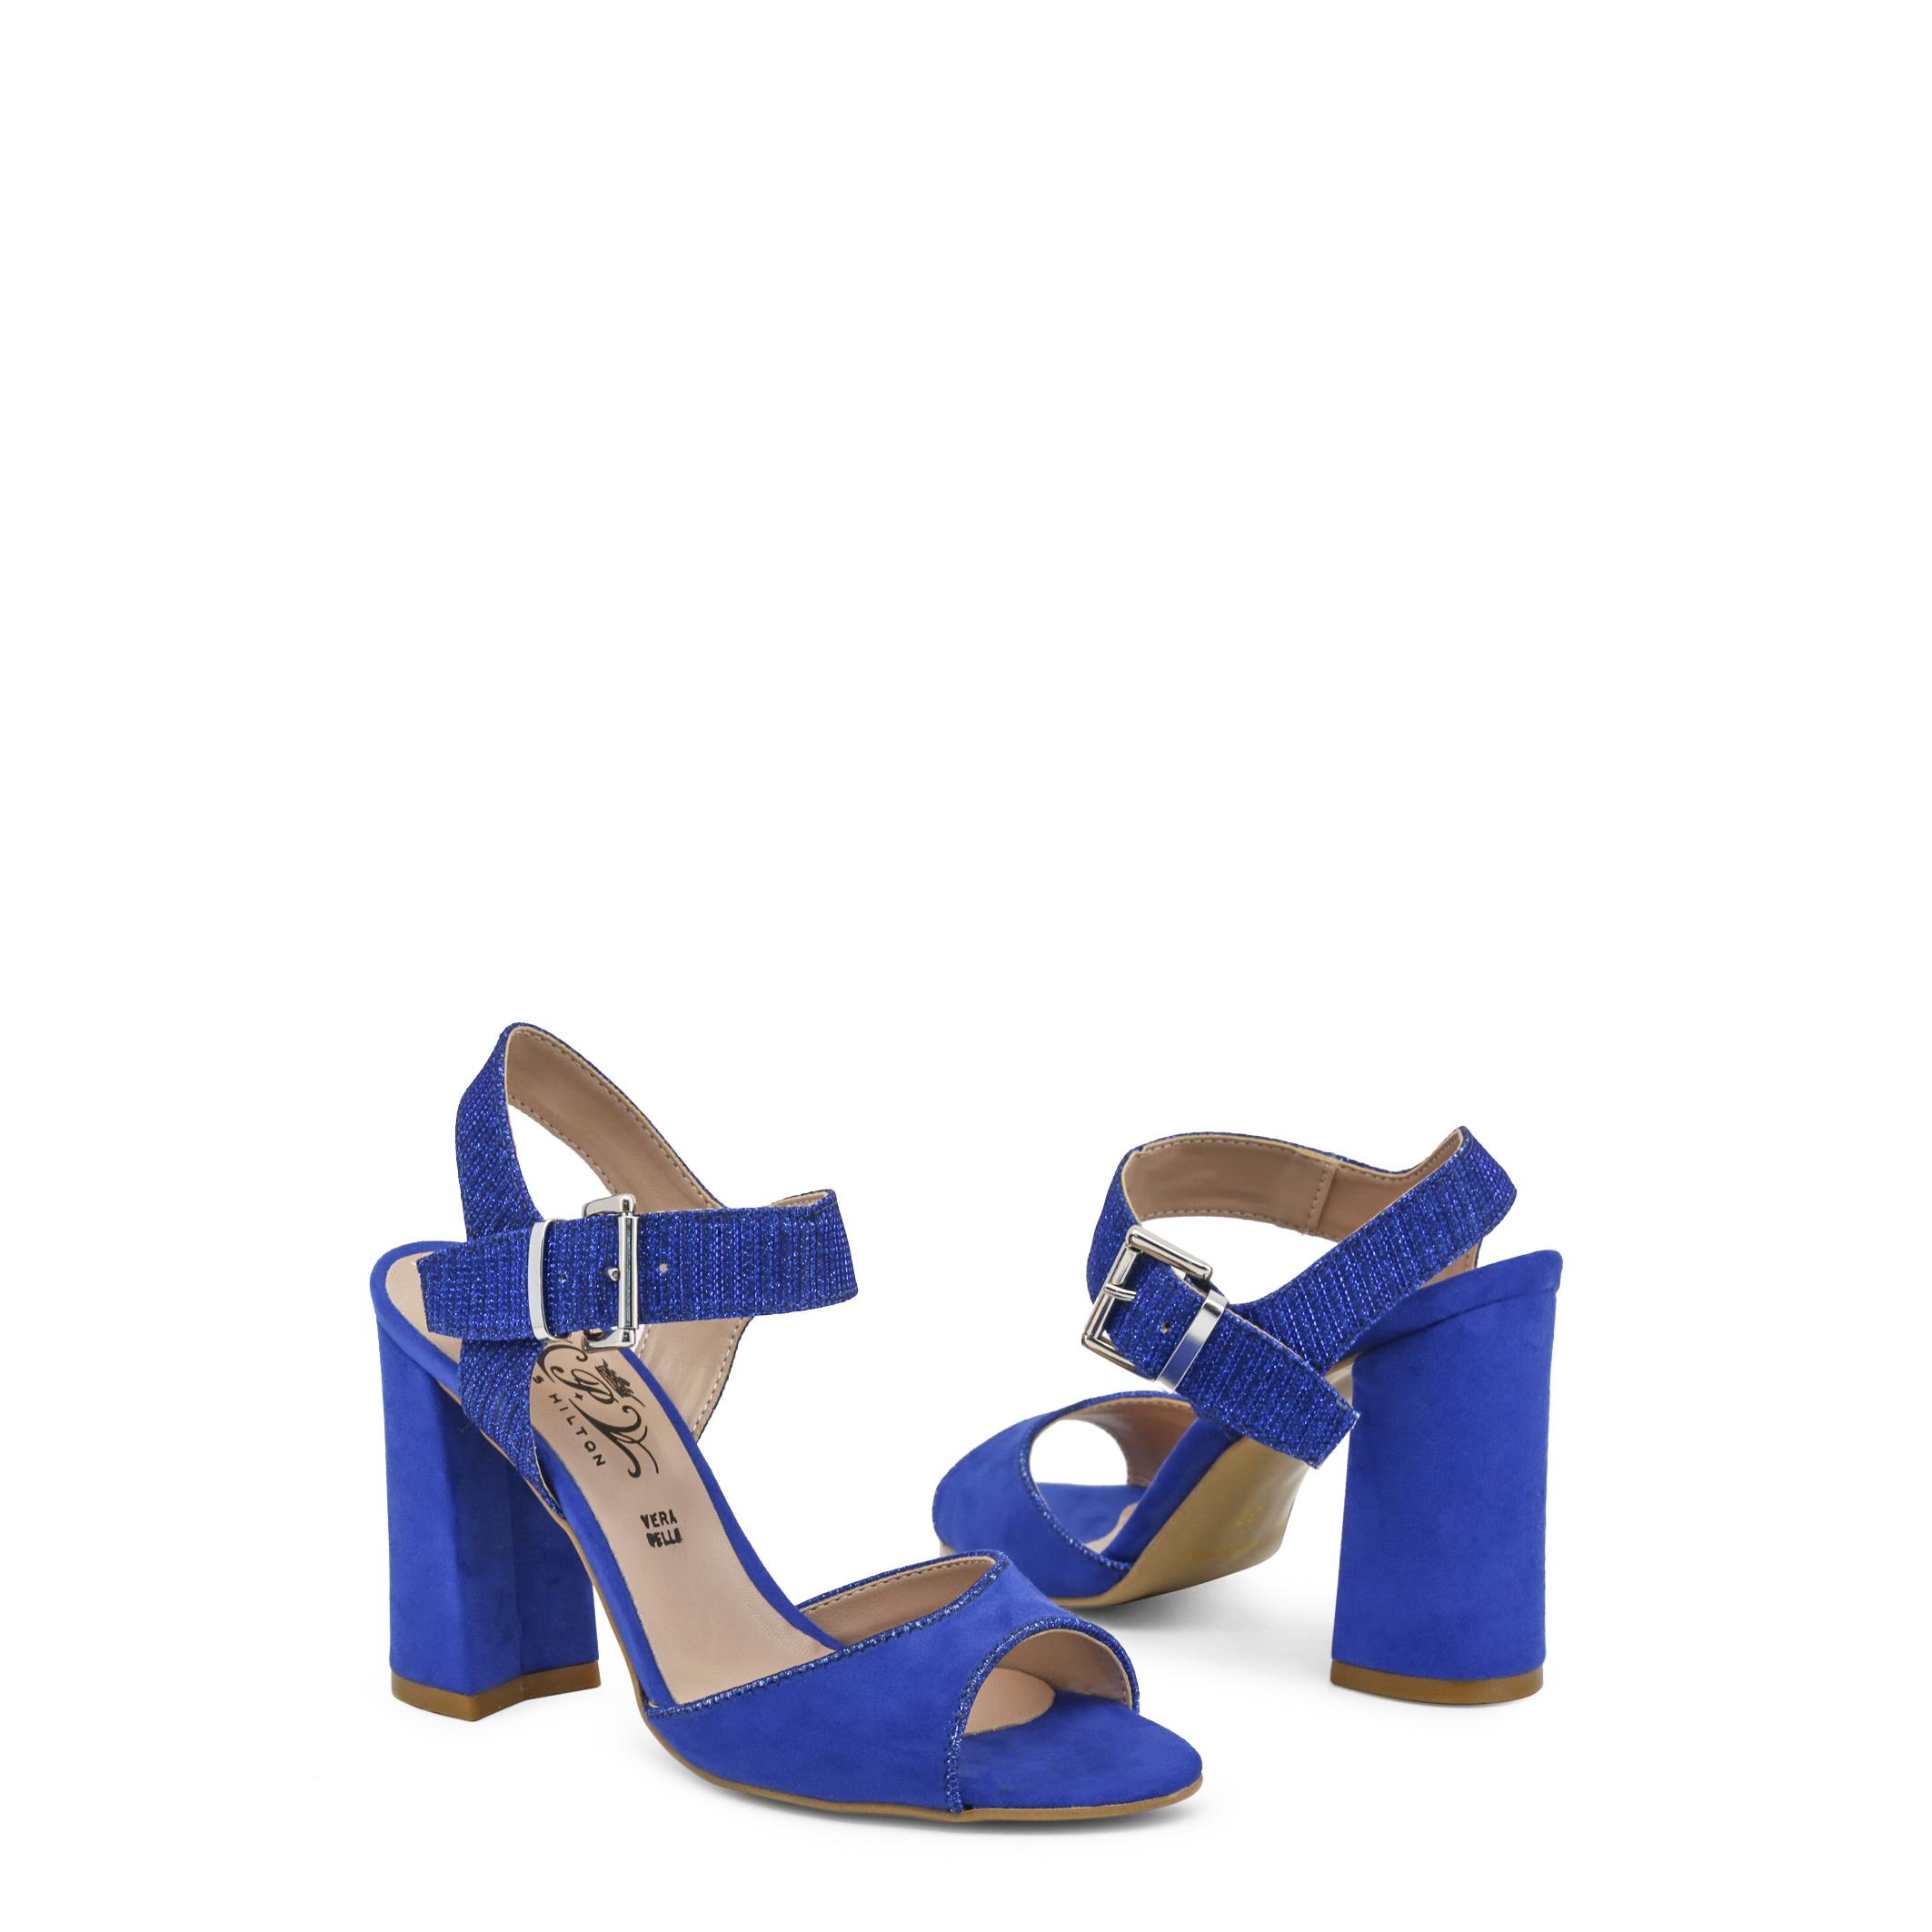 Zapatos Mujer 90Sandalias Paris Tacón Rojoazul De Hilton Cuña Detalles EH9IYDW2